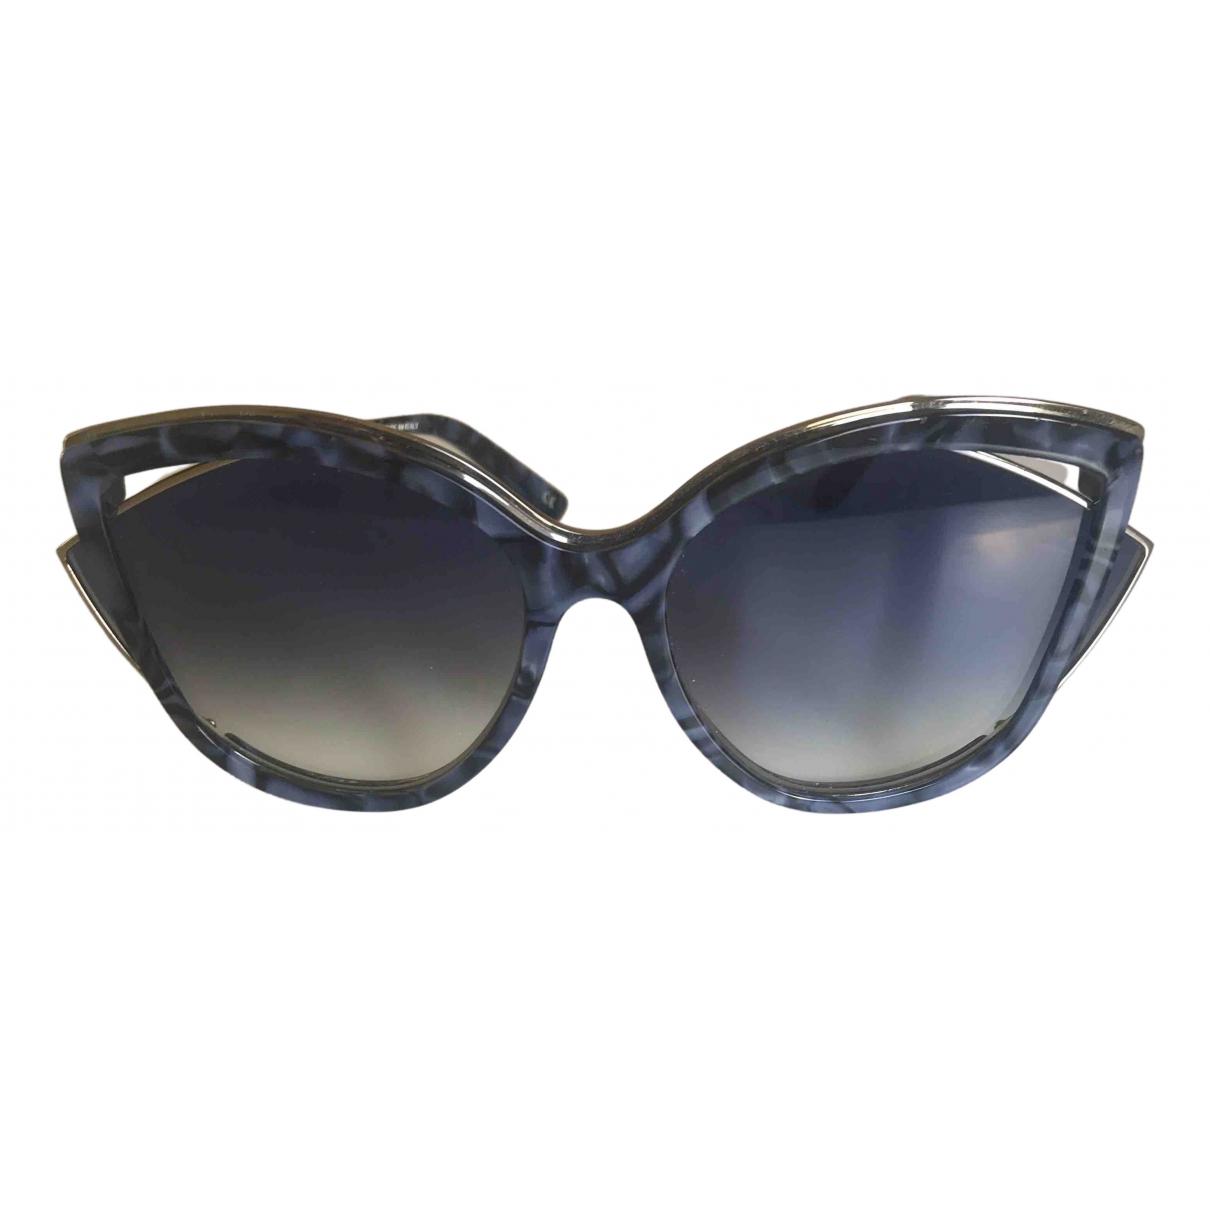 Gafas oversize La Perla